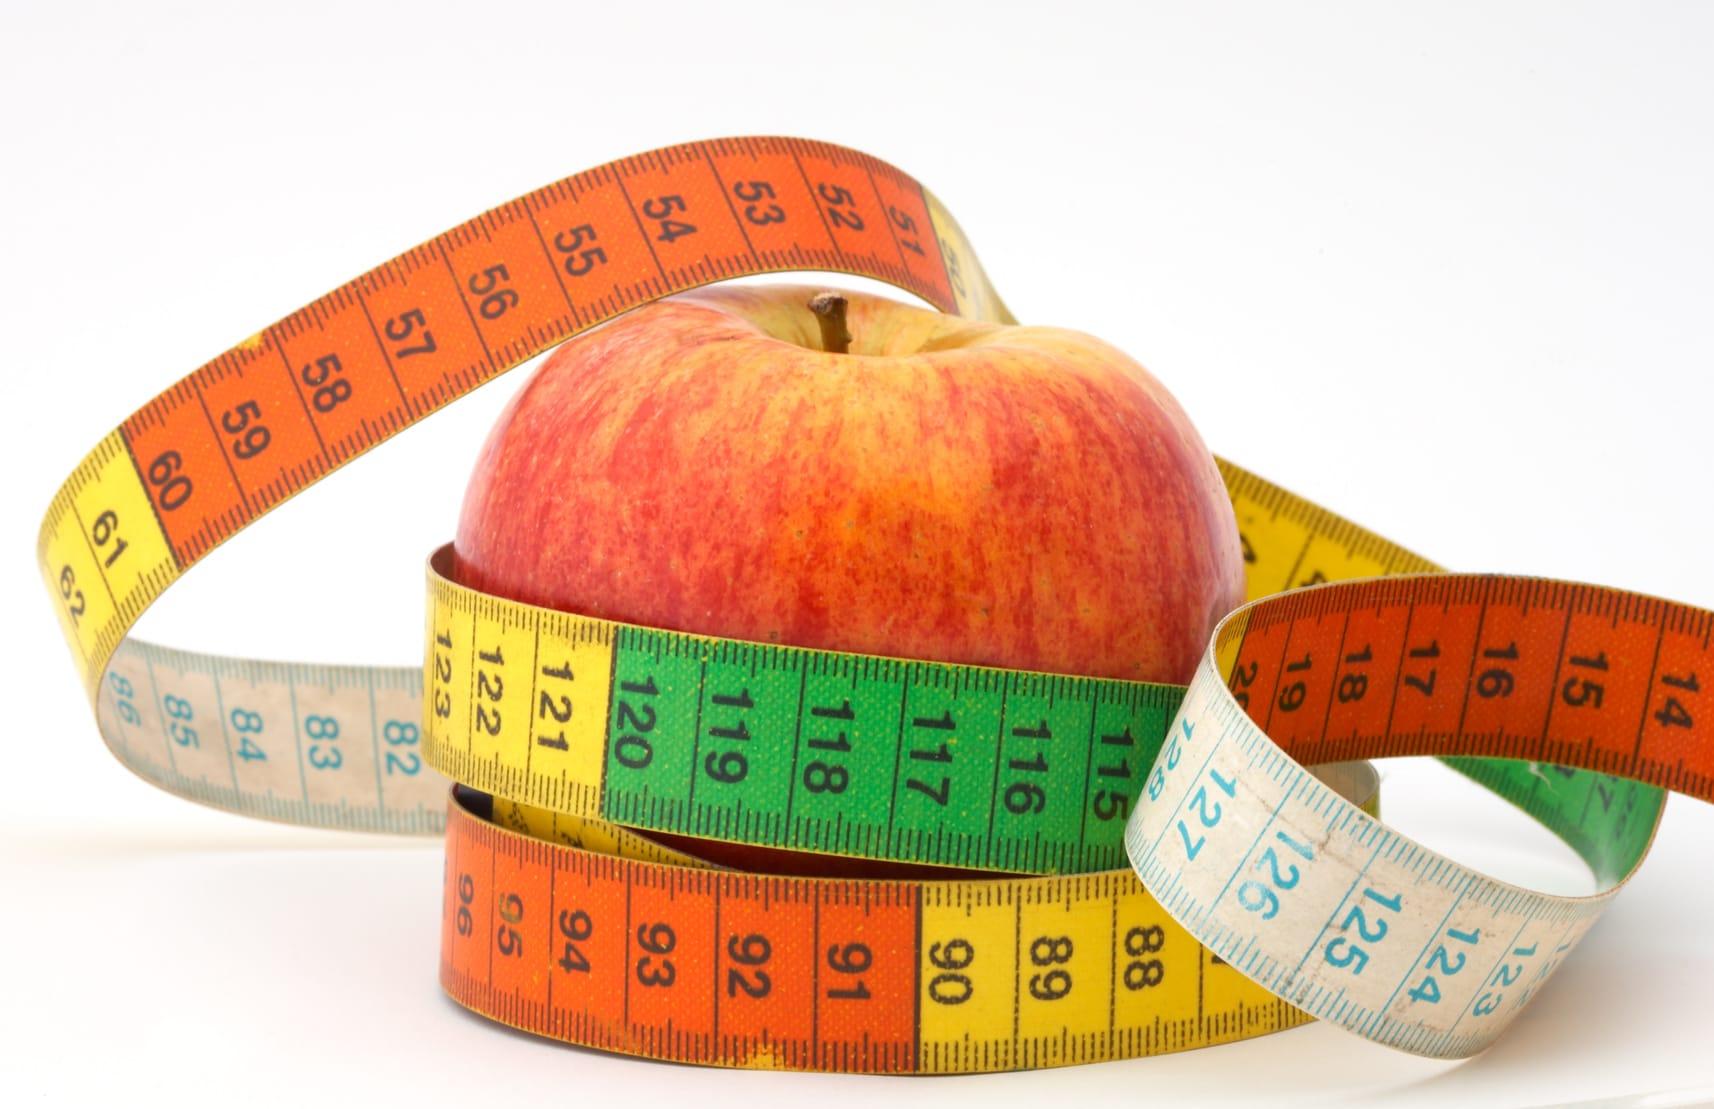 Weight Watchers Pointsliste – Das erwartet Sie!